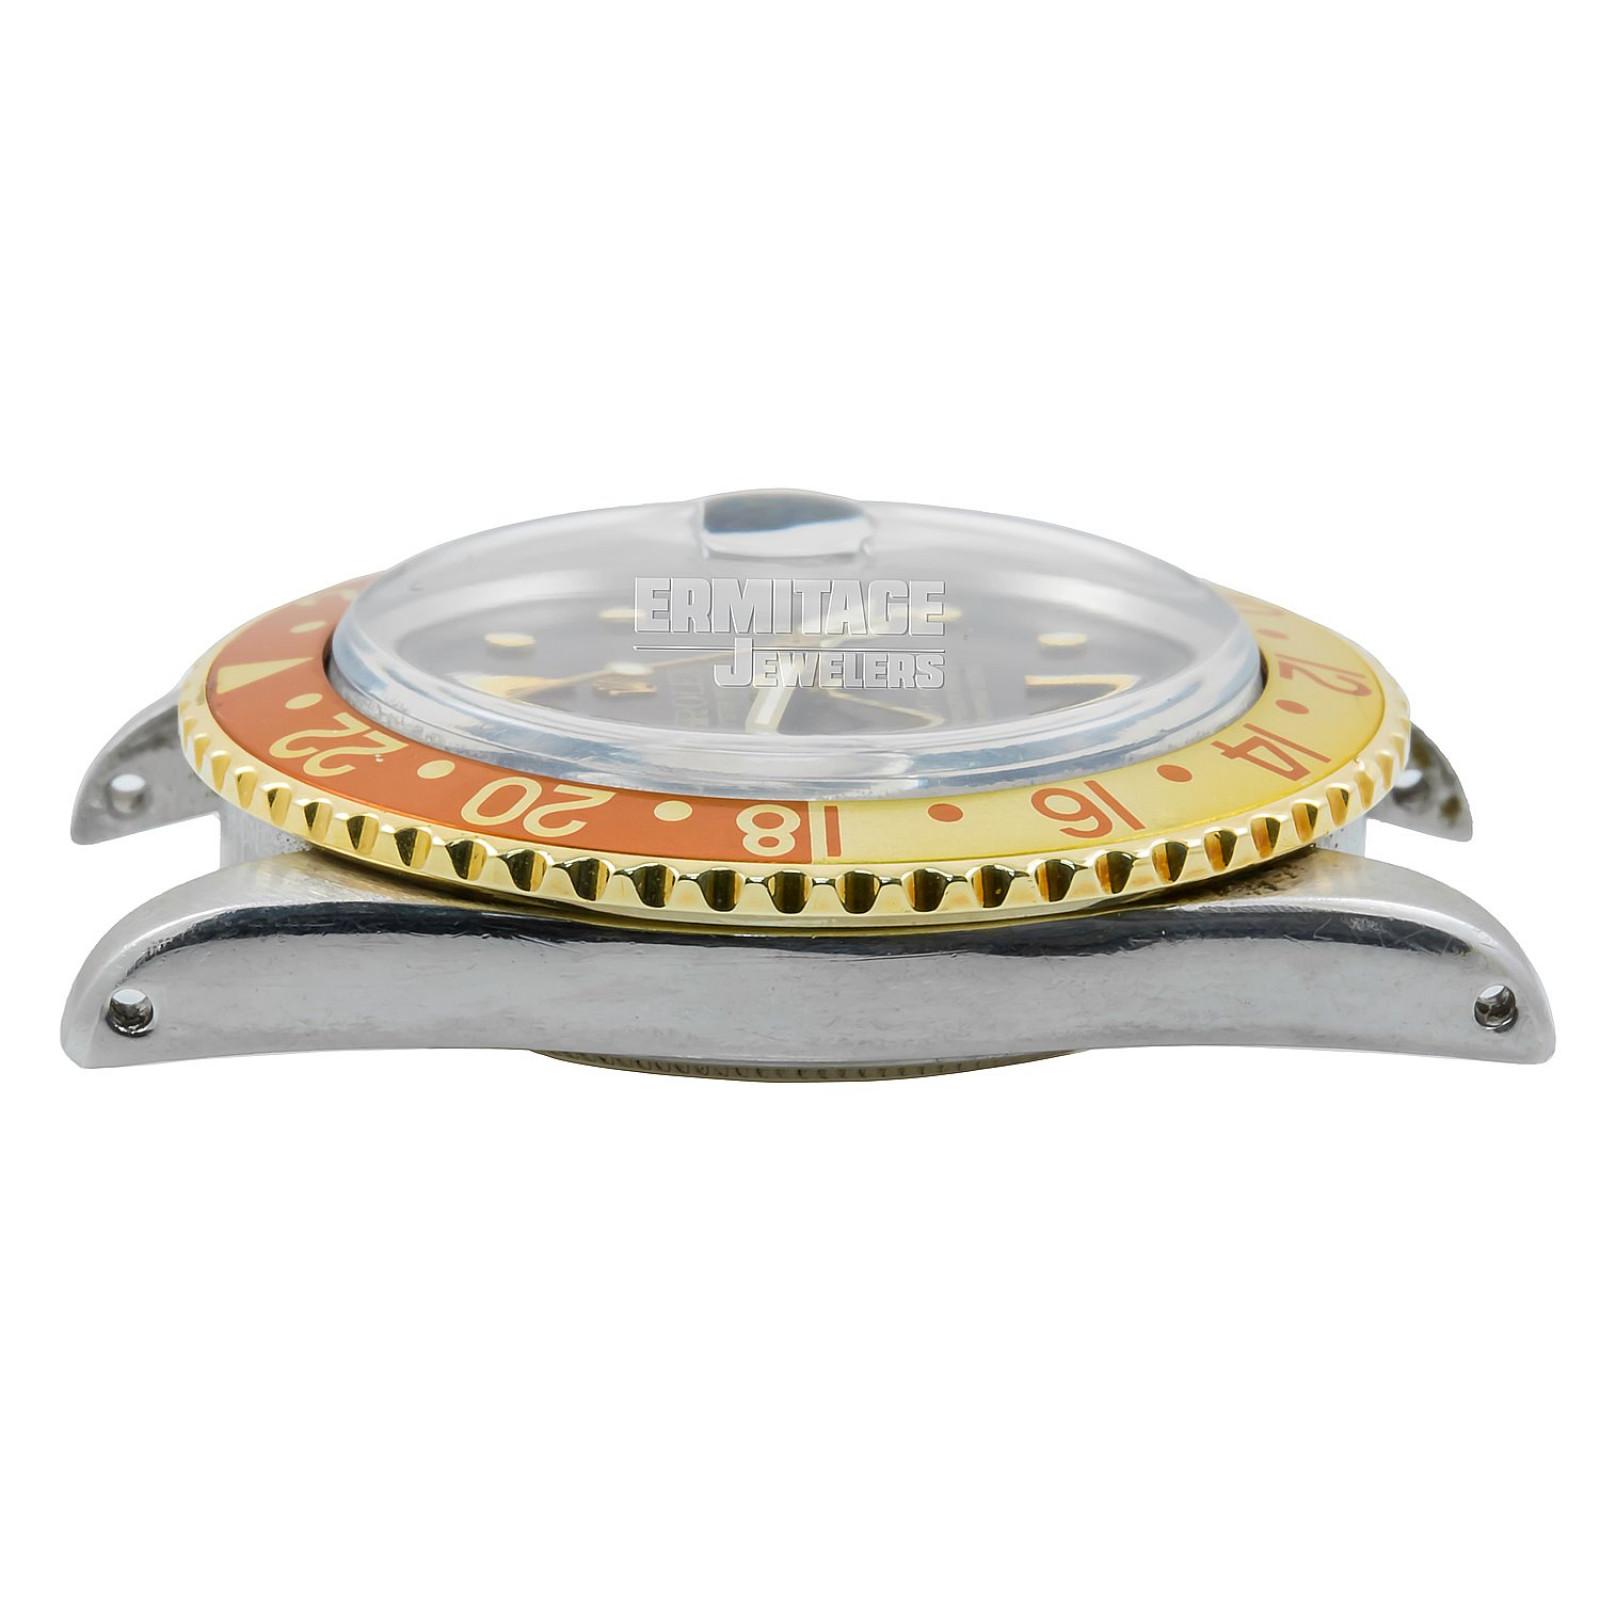 1971 Brown Rolex GMT-Master Ref. 1675